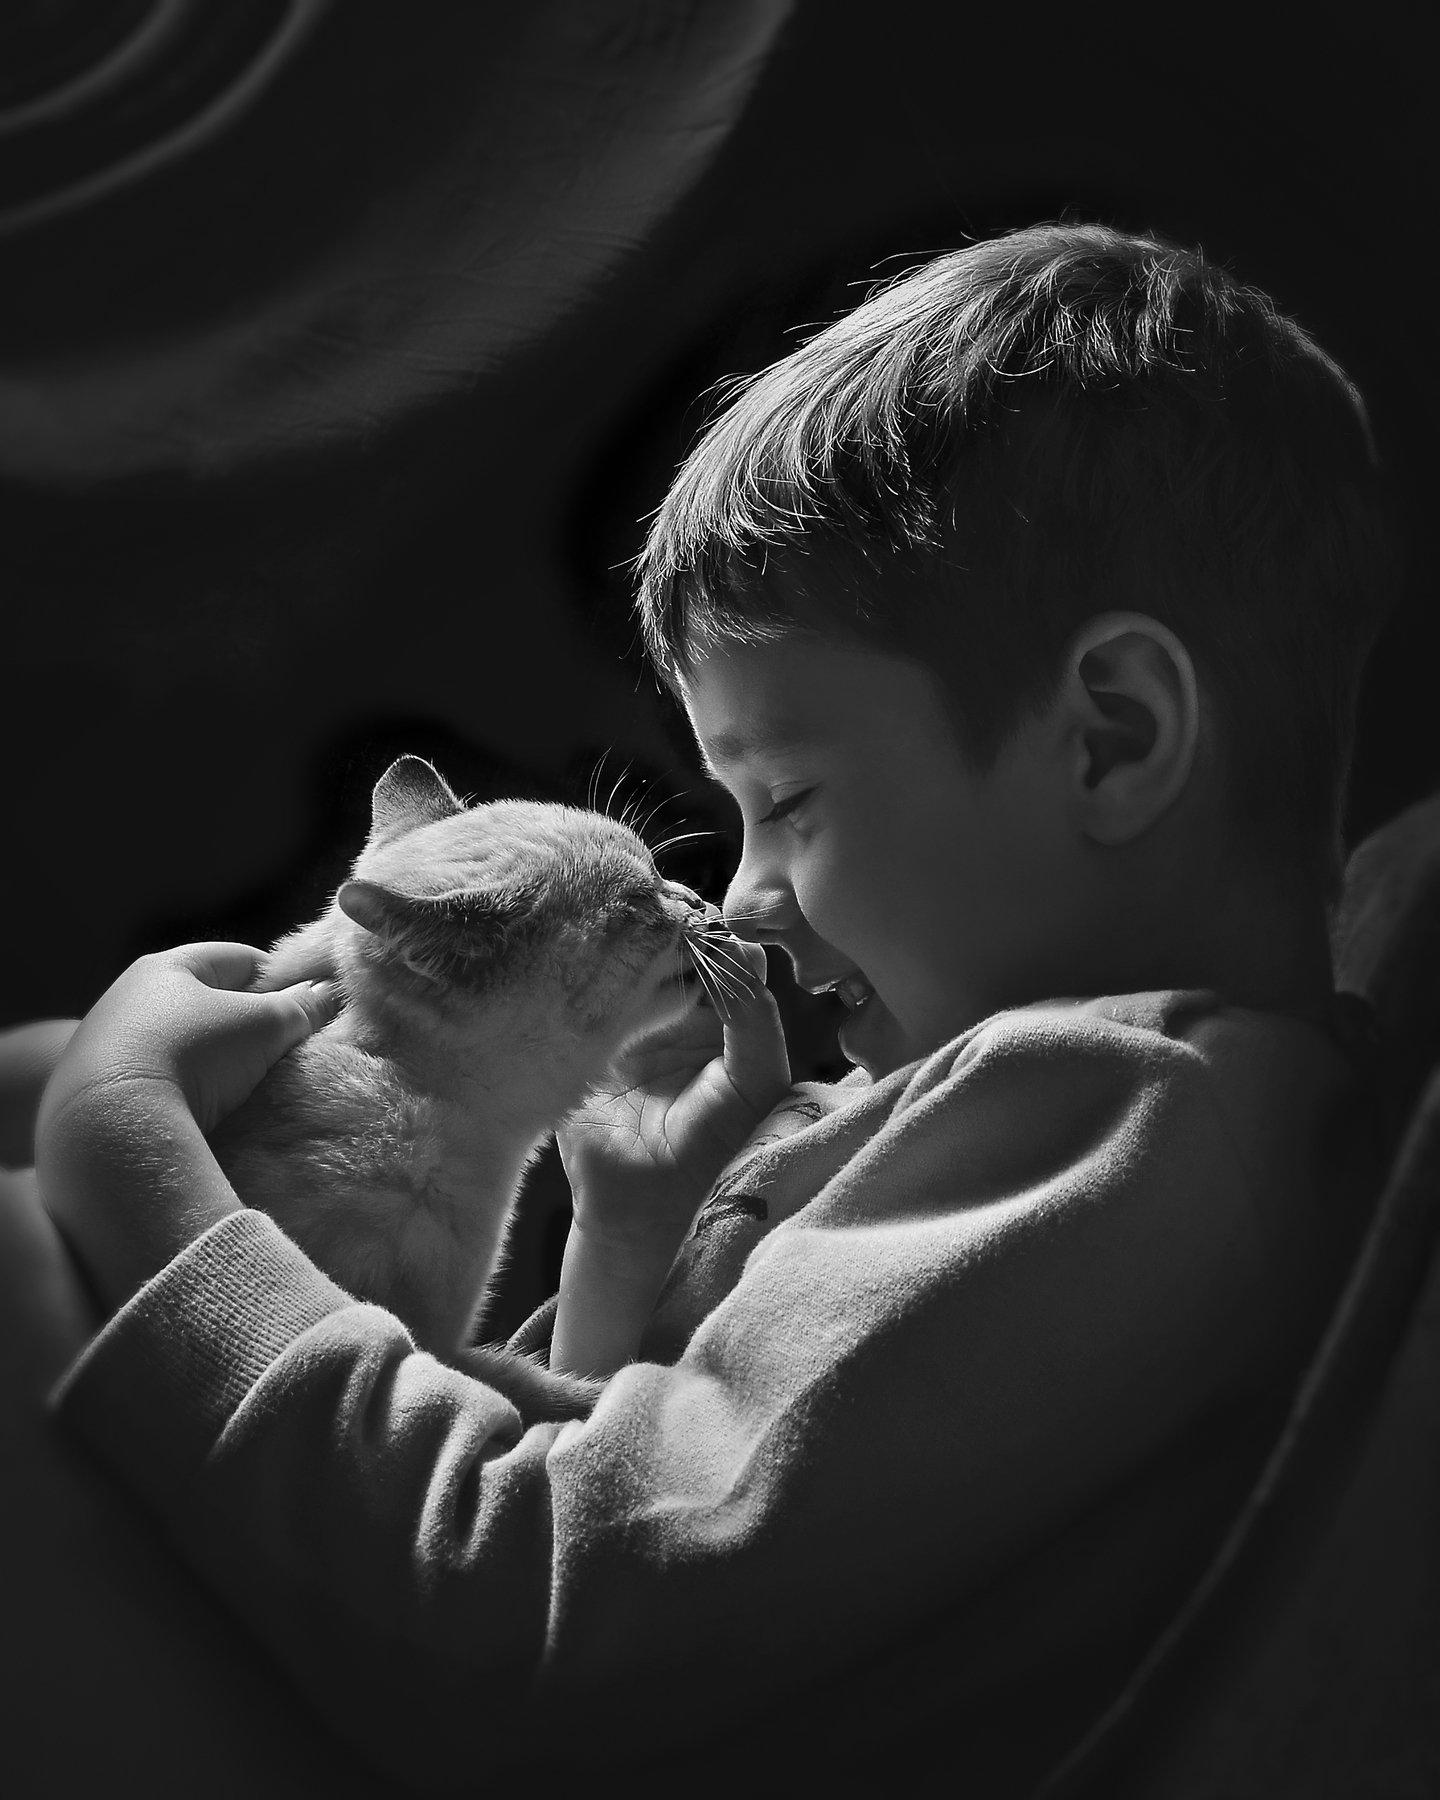 игры,дети,животные,кошка,чёрно-белый, Володин Владимир